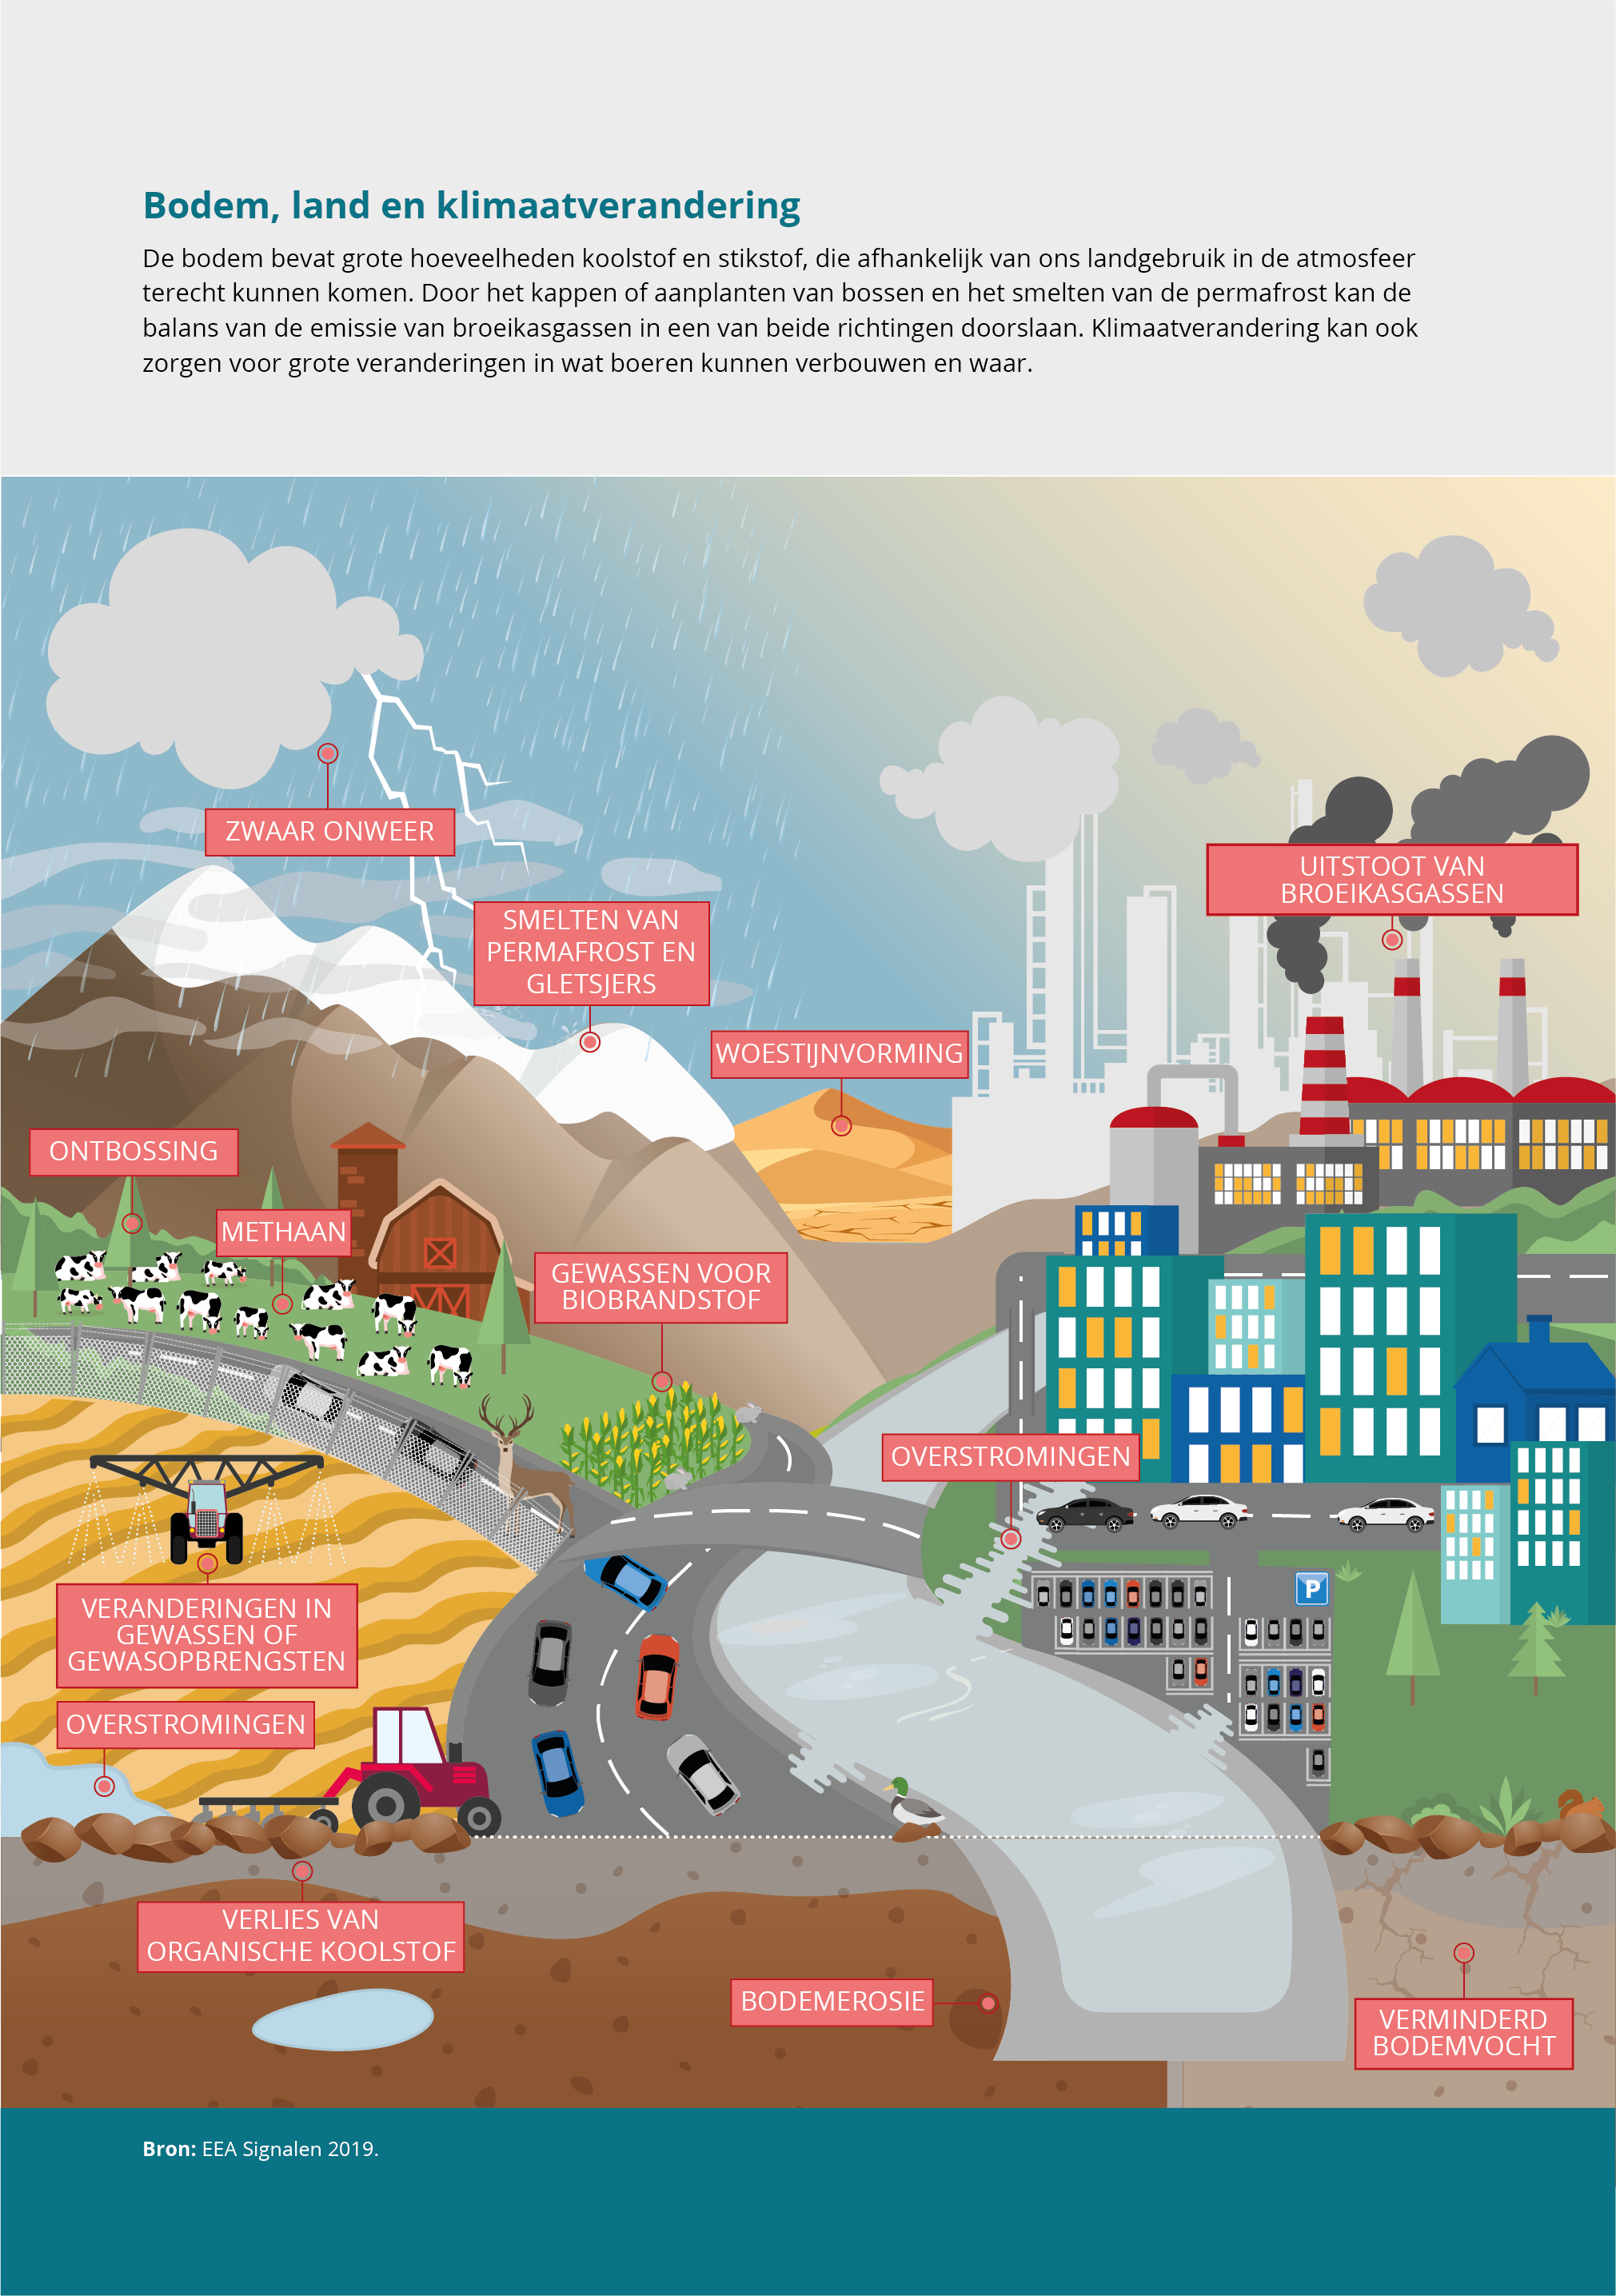 Bodem, land en klimaatverandering